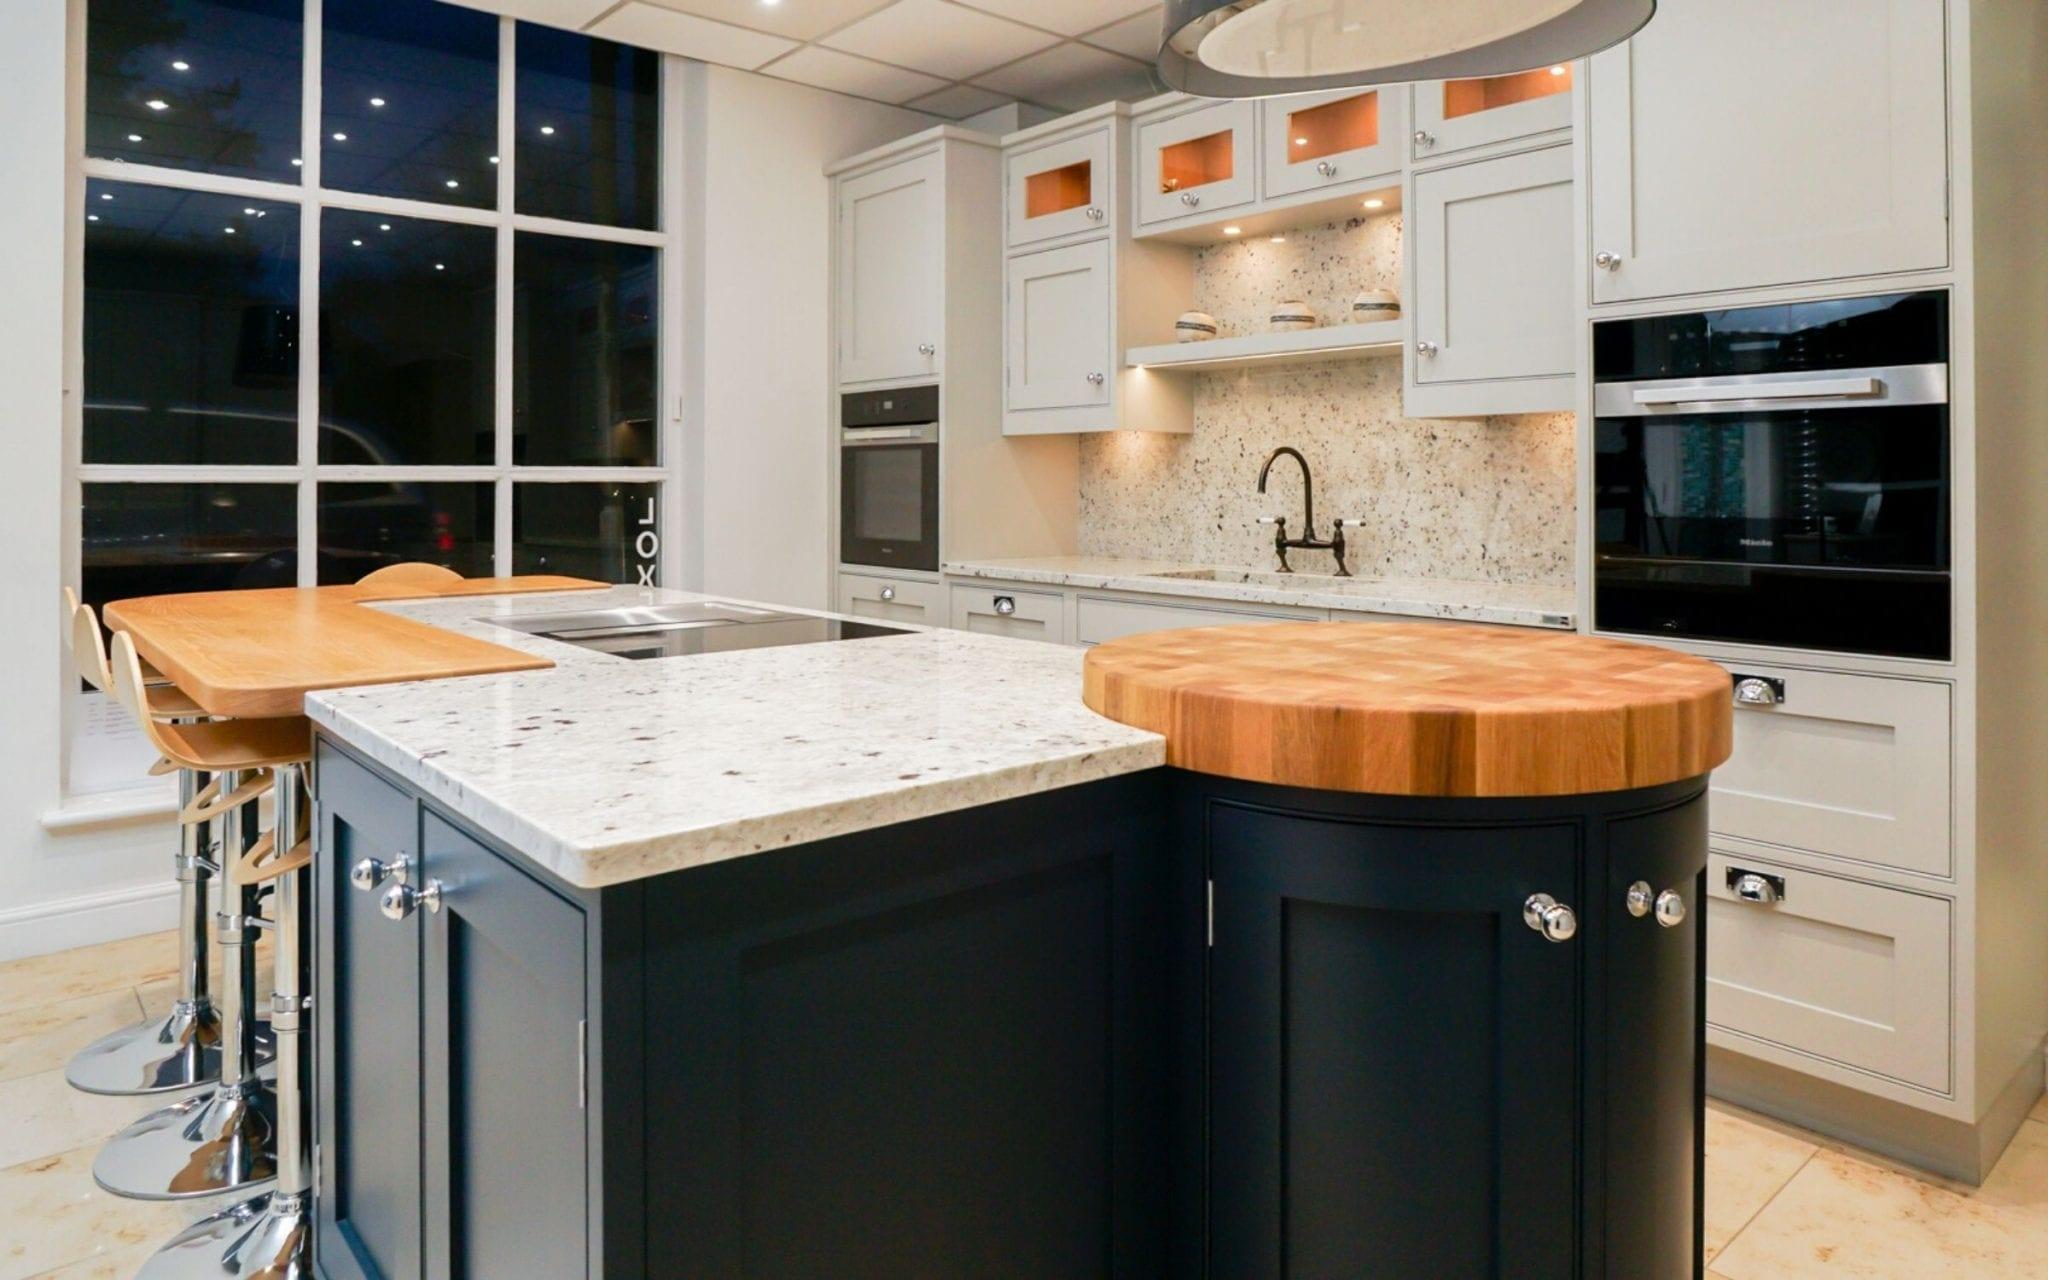 Heathfield Display In-Frame Kitchen